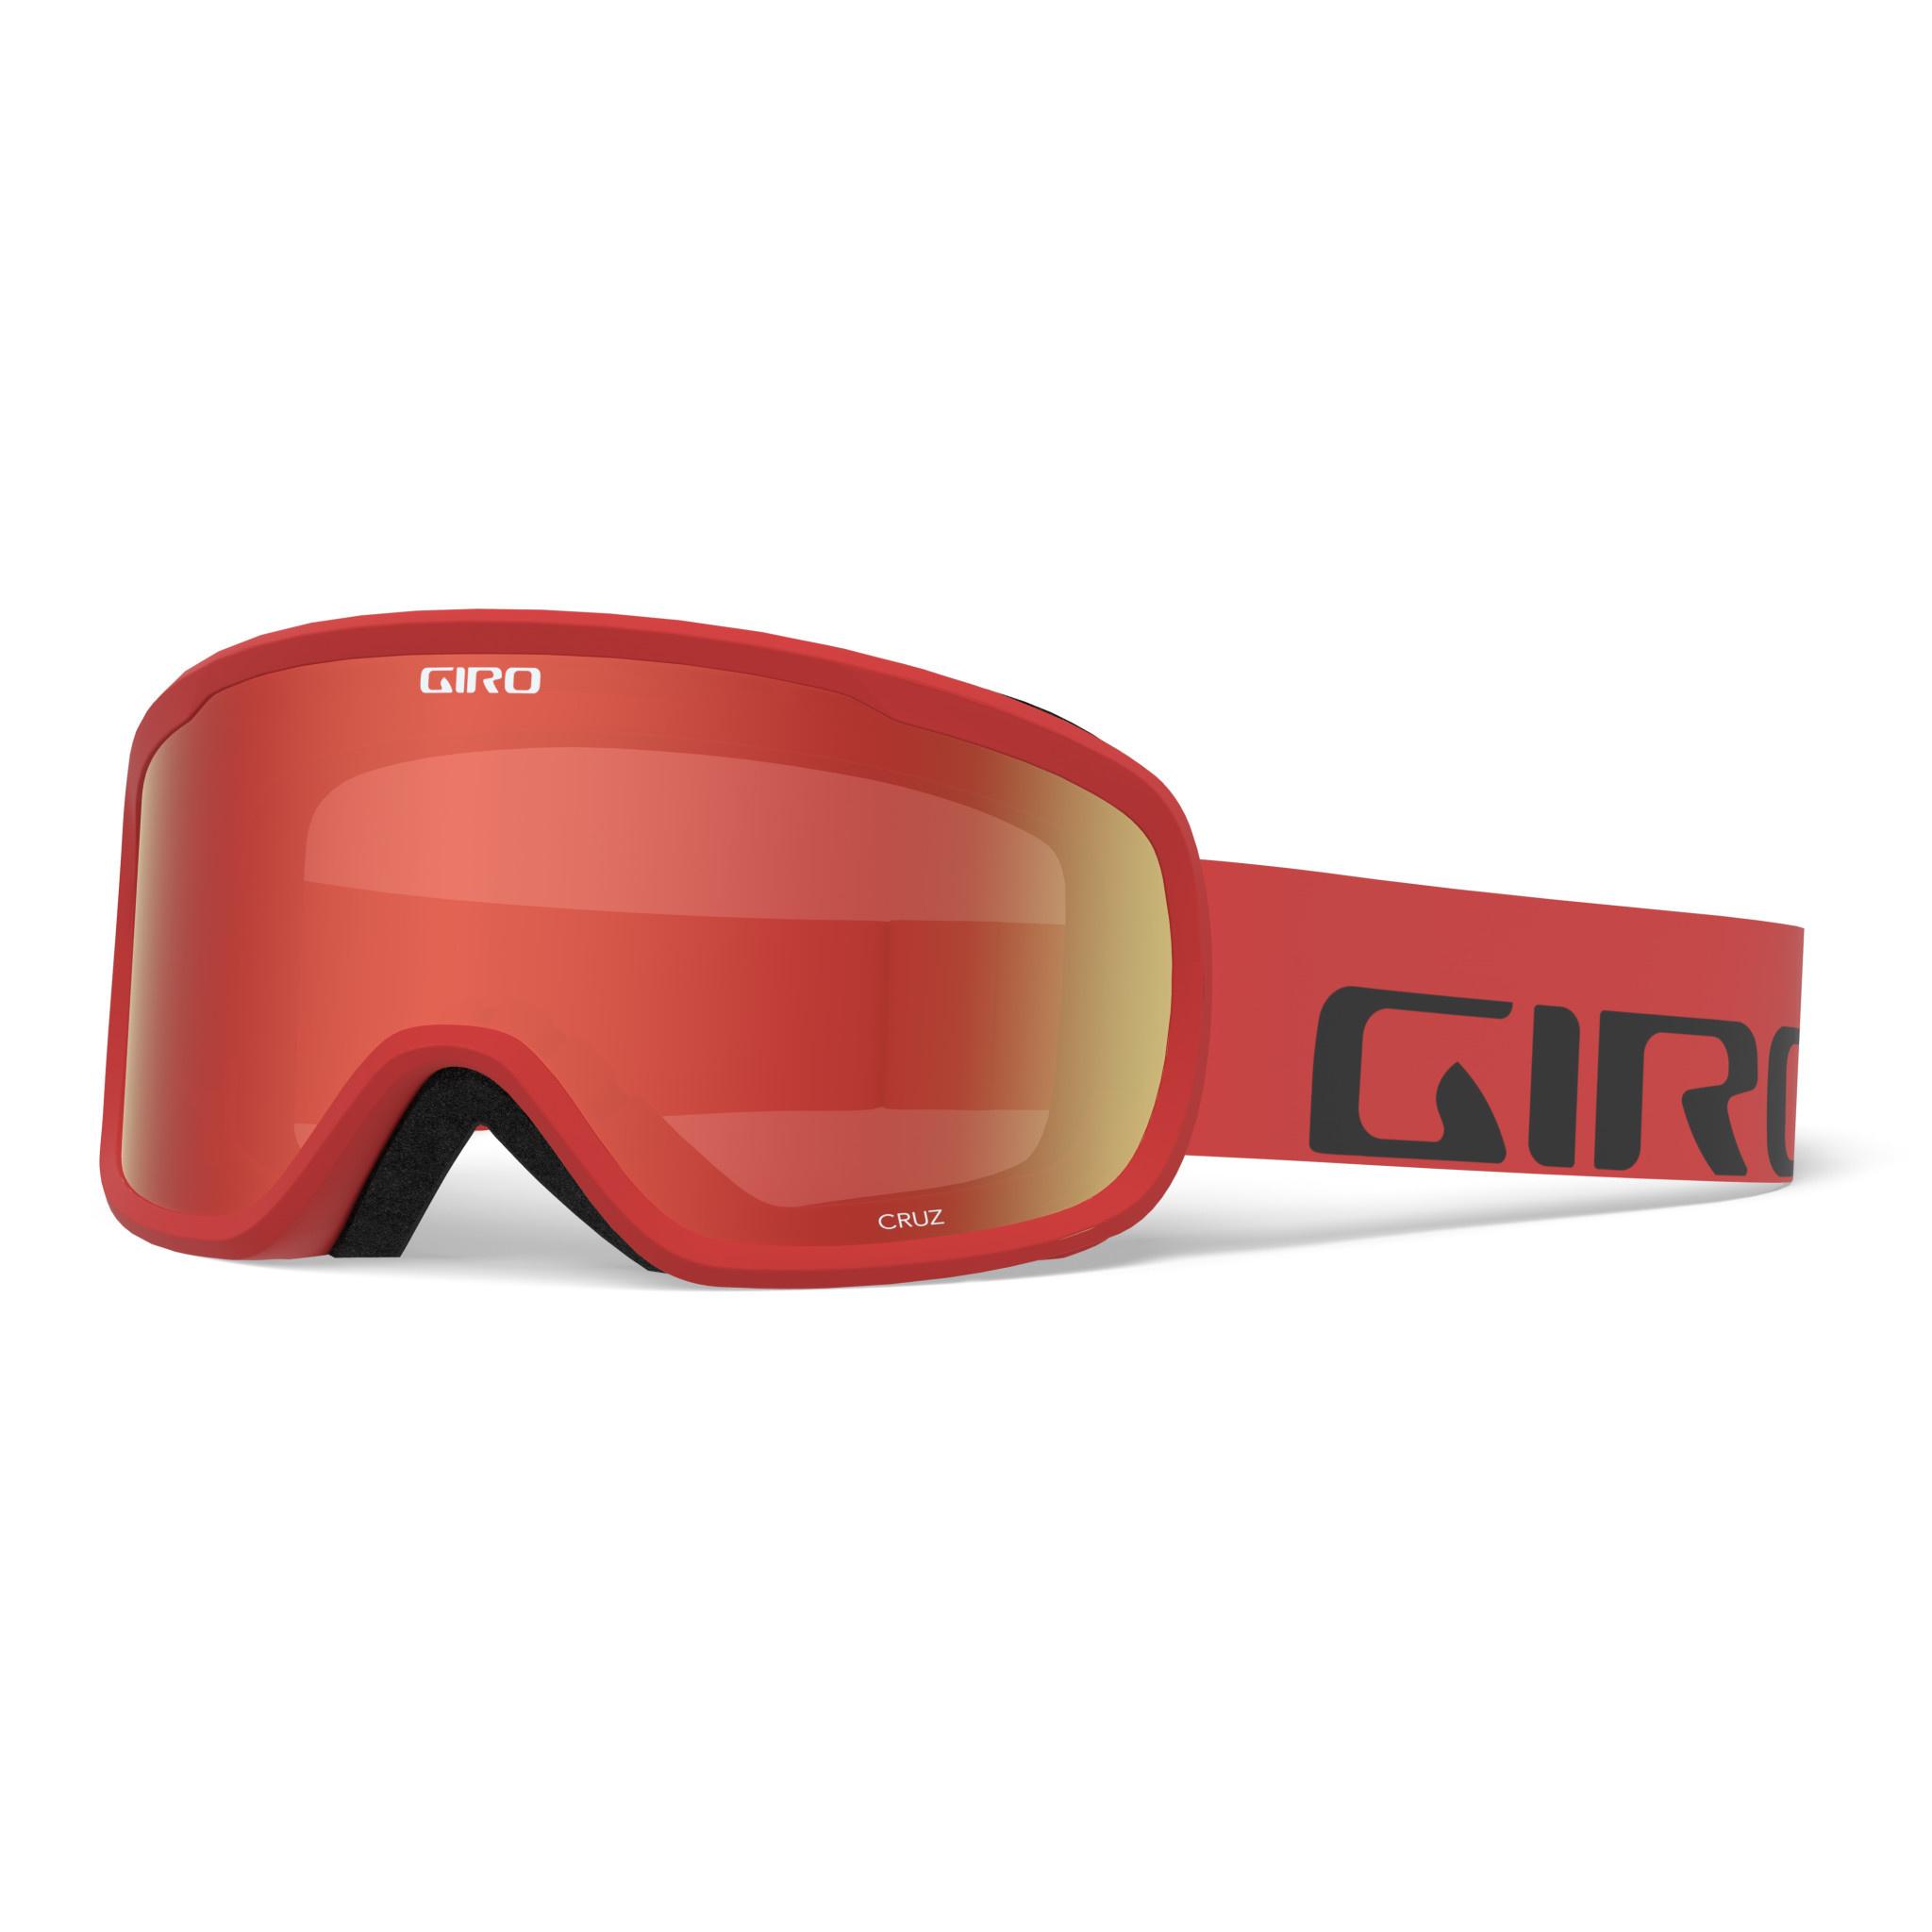 Giro Cruz-7